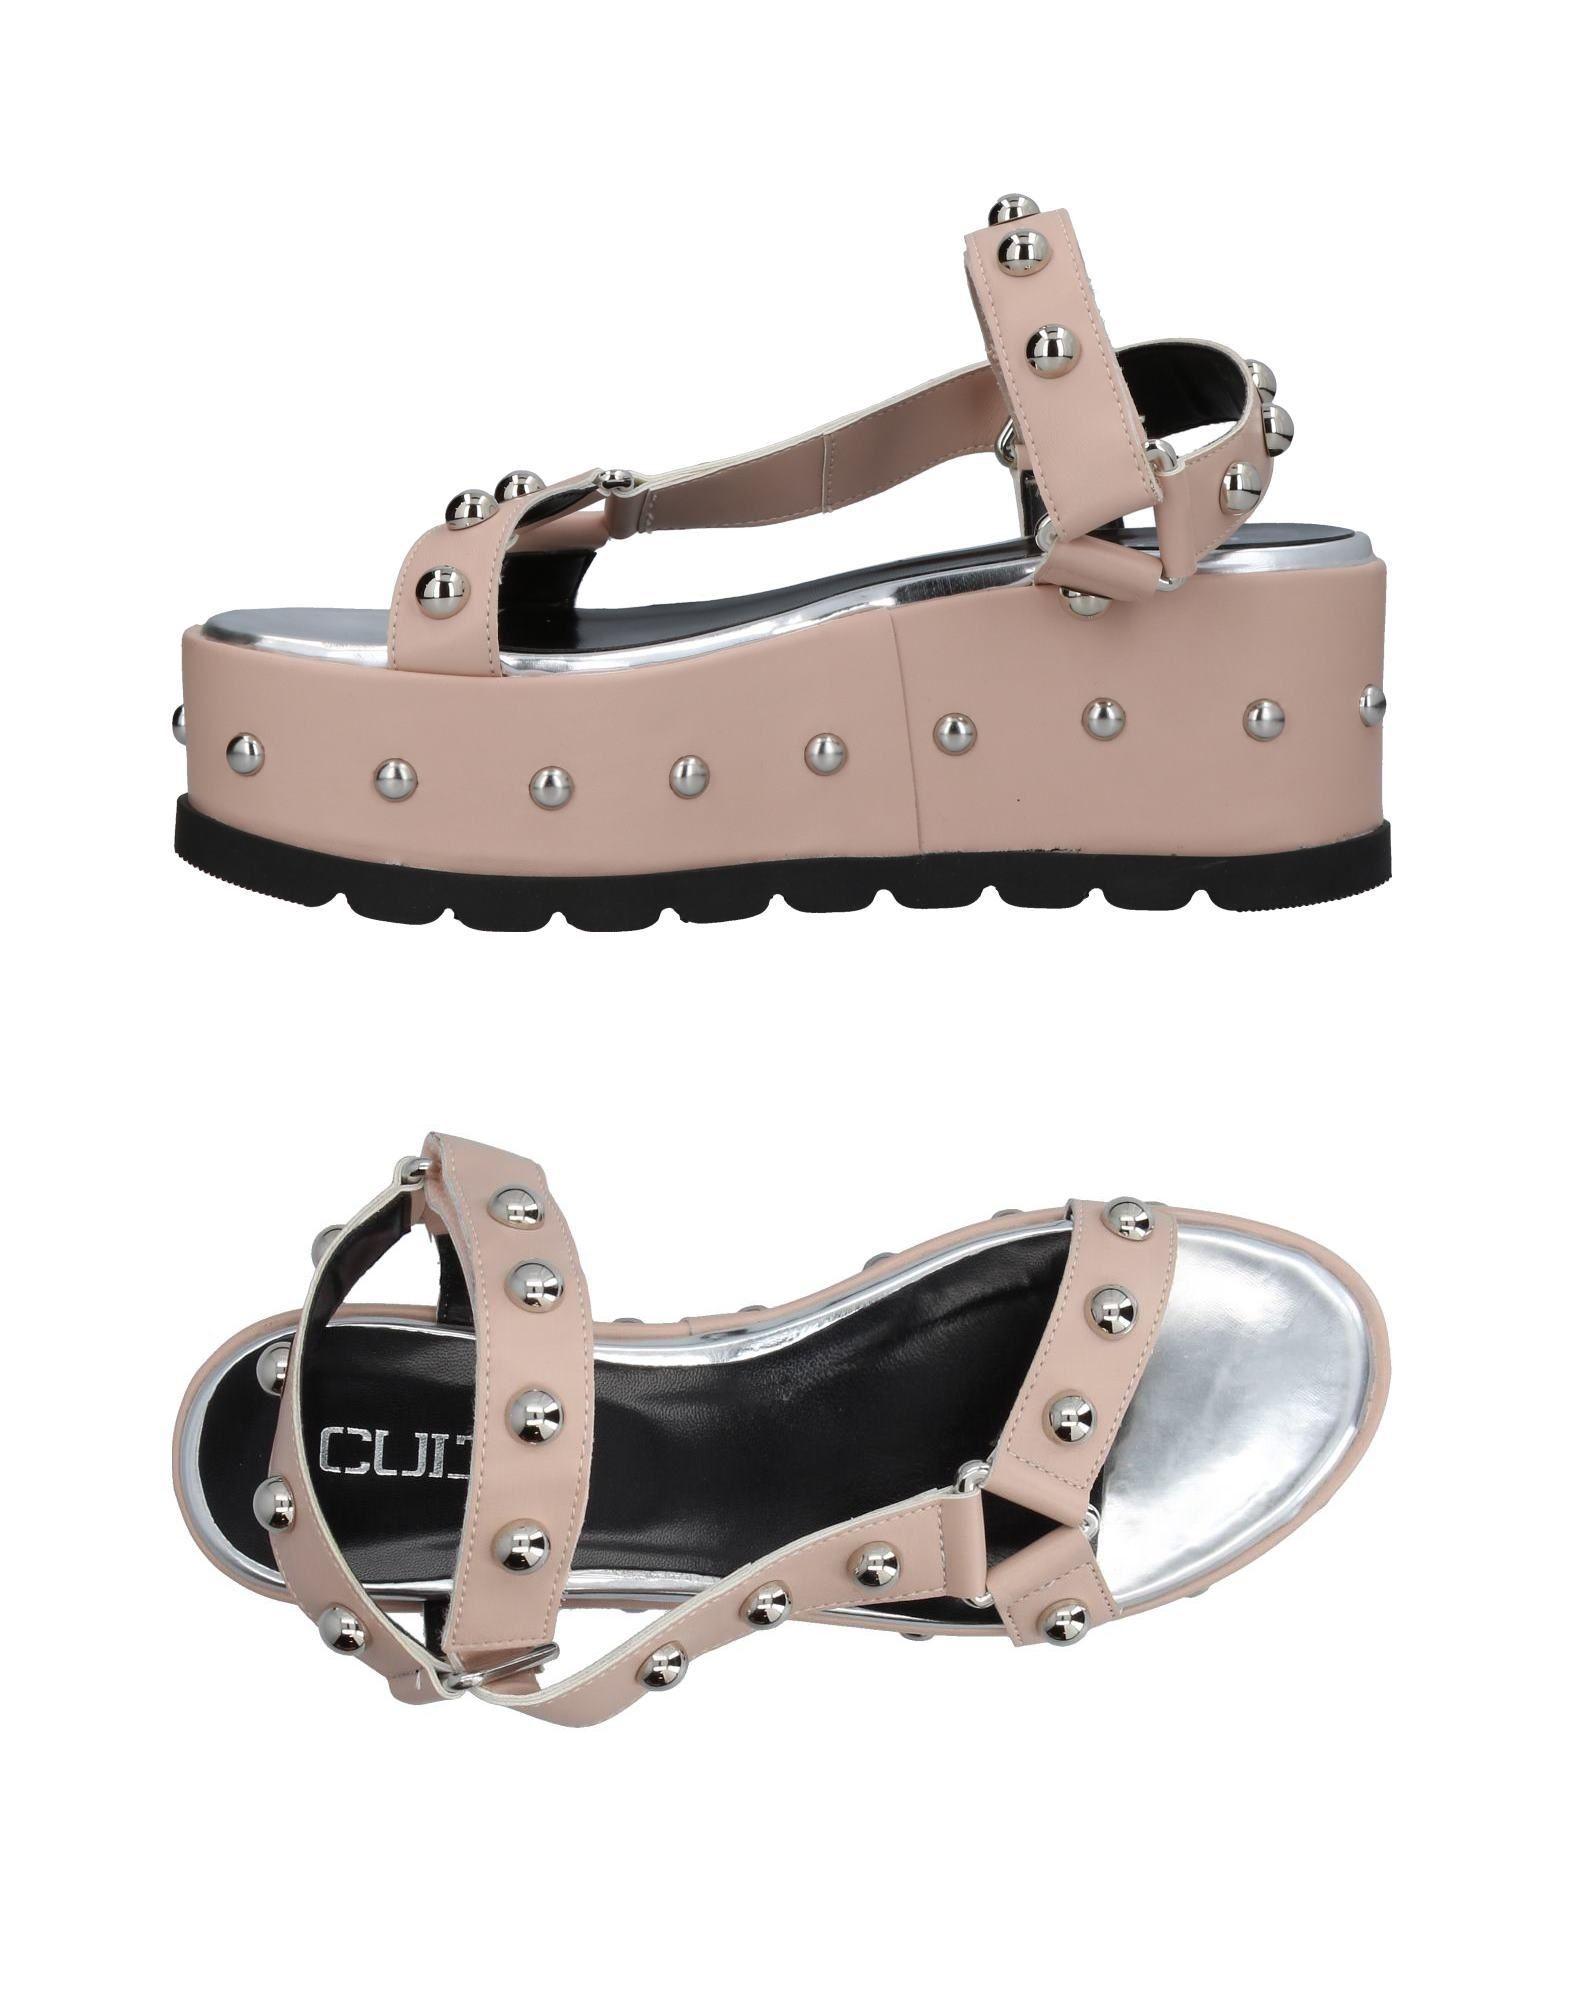 Cult Gute Sandalen Damen  11381253HP Gute Cult Qualität beliebte Schuhe e91384